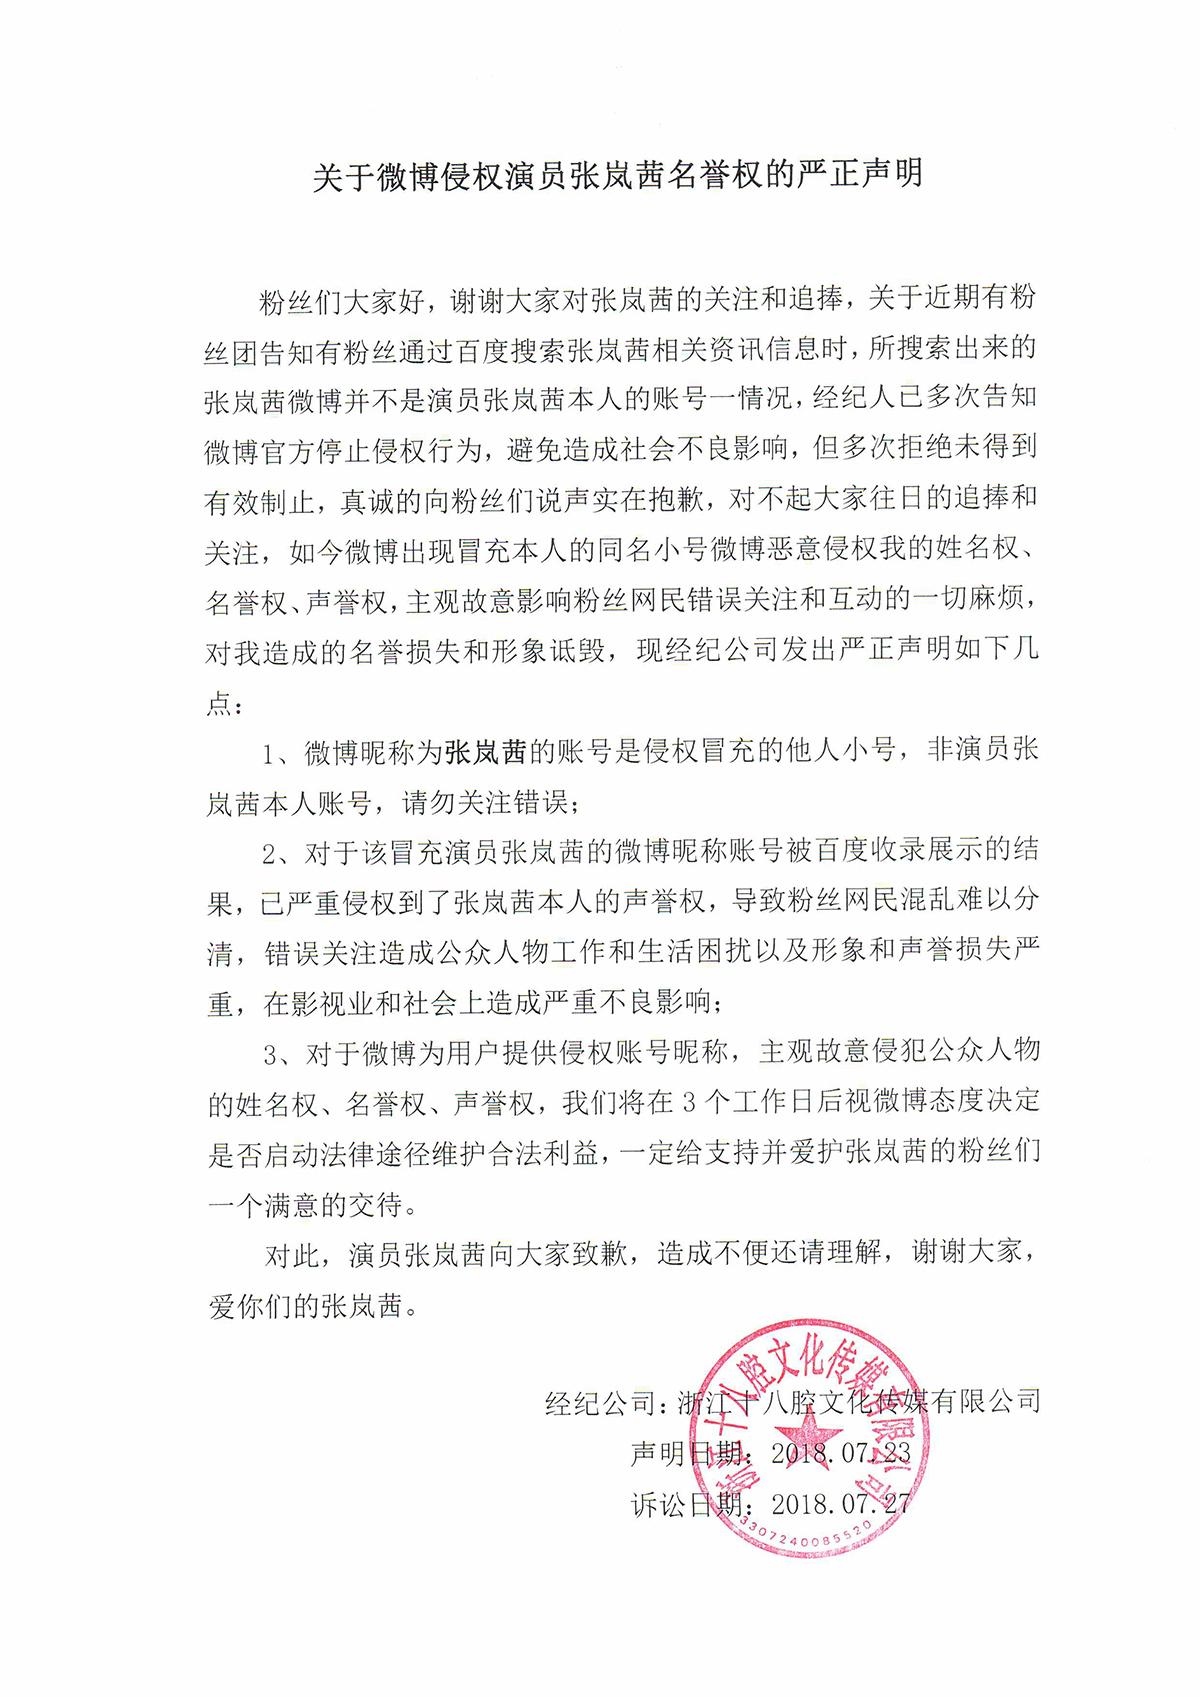 微博及博主张岚茜共同侵权 演员张岚茜名誉权严正声明